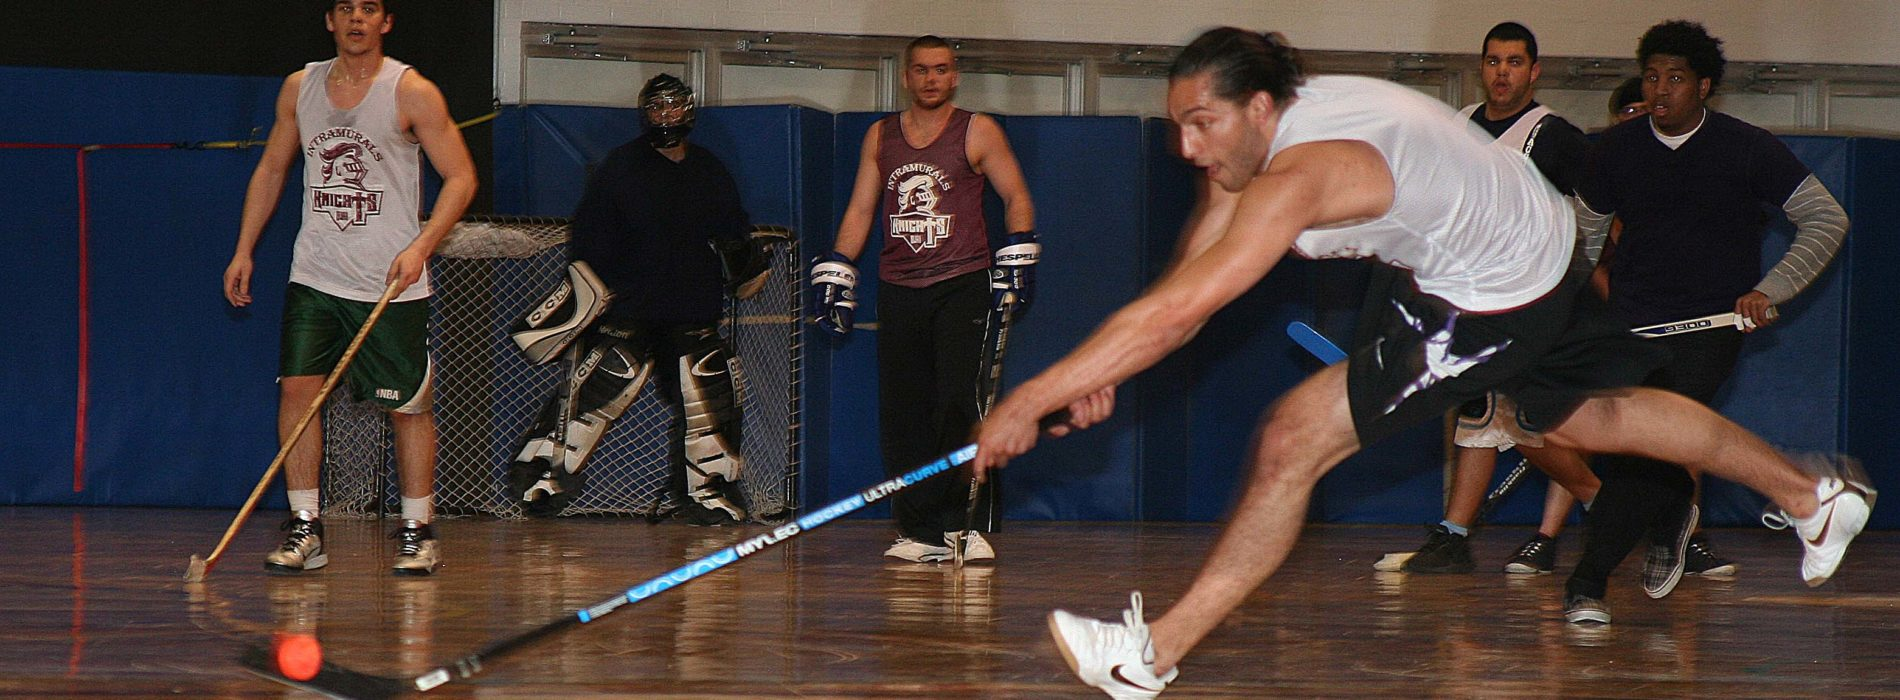 Floor Hockey Intramurals Continue